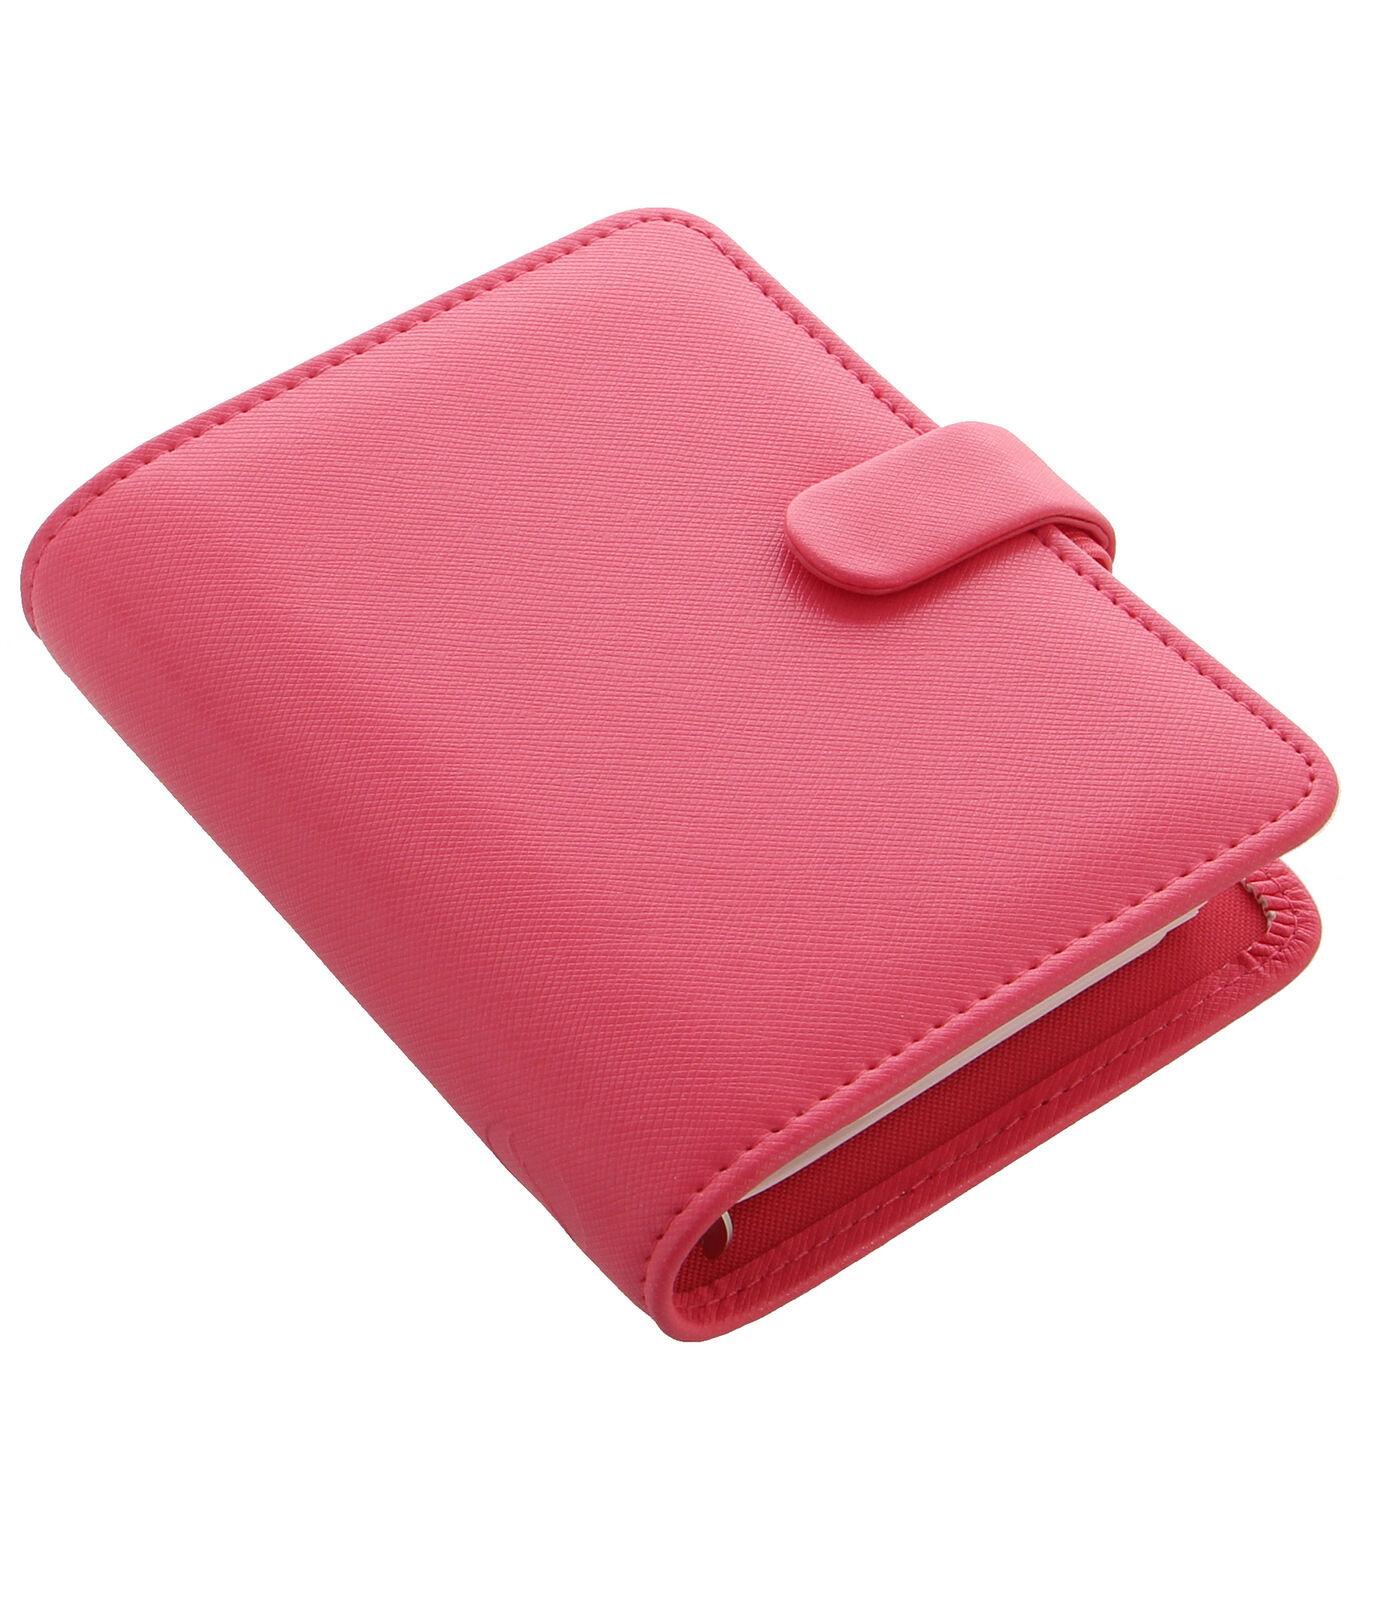 Filofax - Tasche Saffiano PfingstRosa mit Wtv Tagebuch & Nachfüllpatrone | Ausgezeichneter Wert